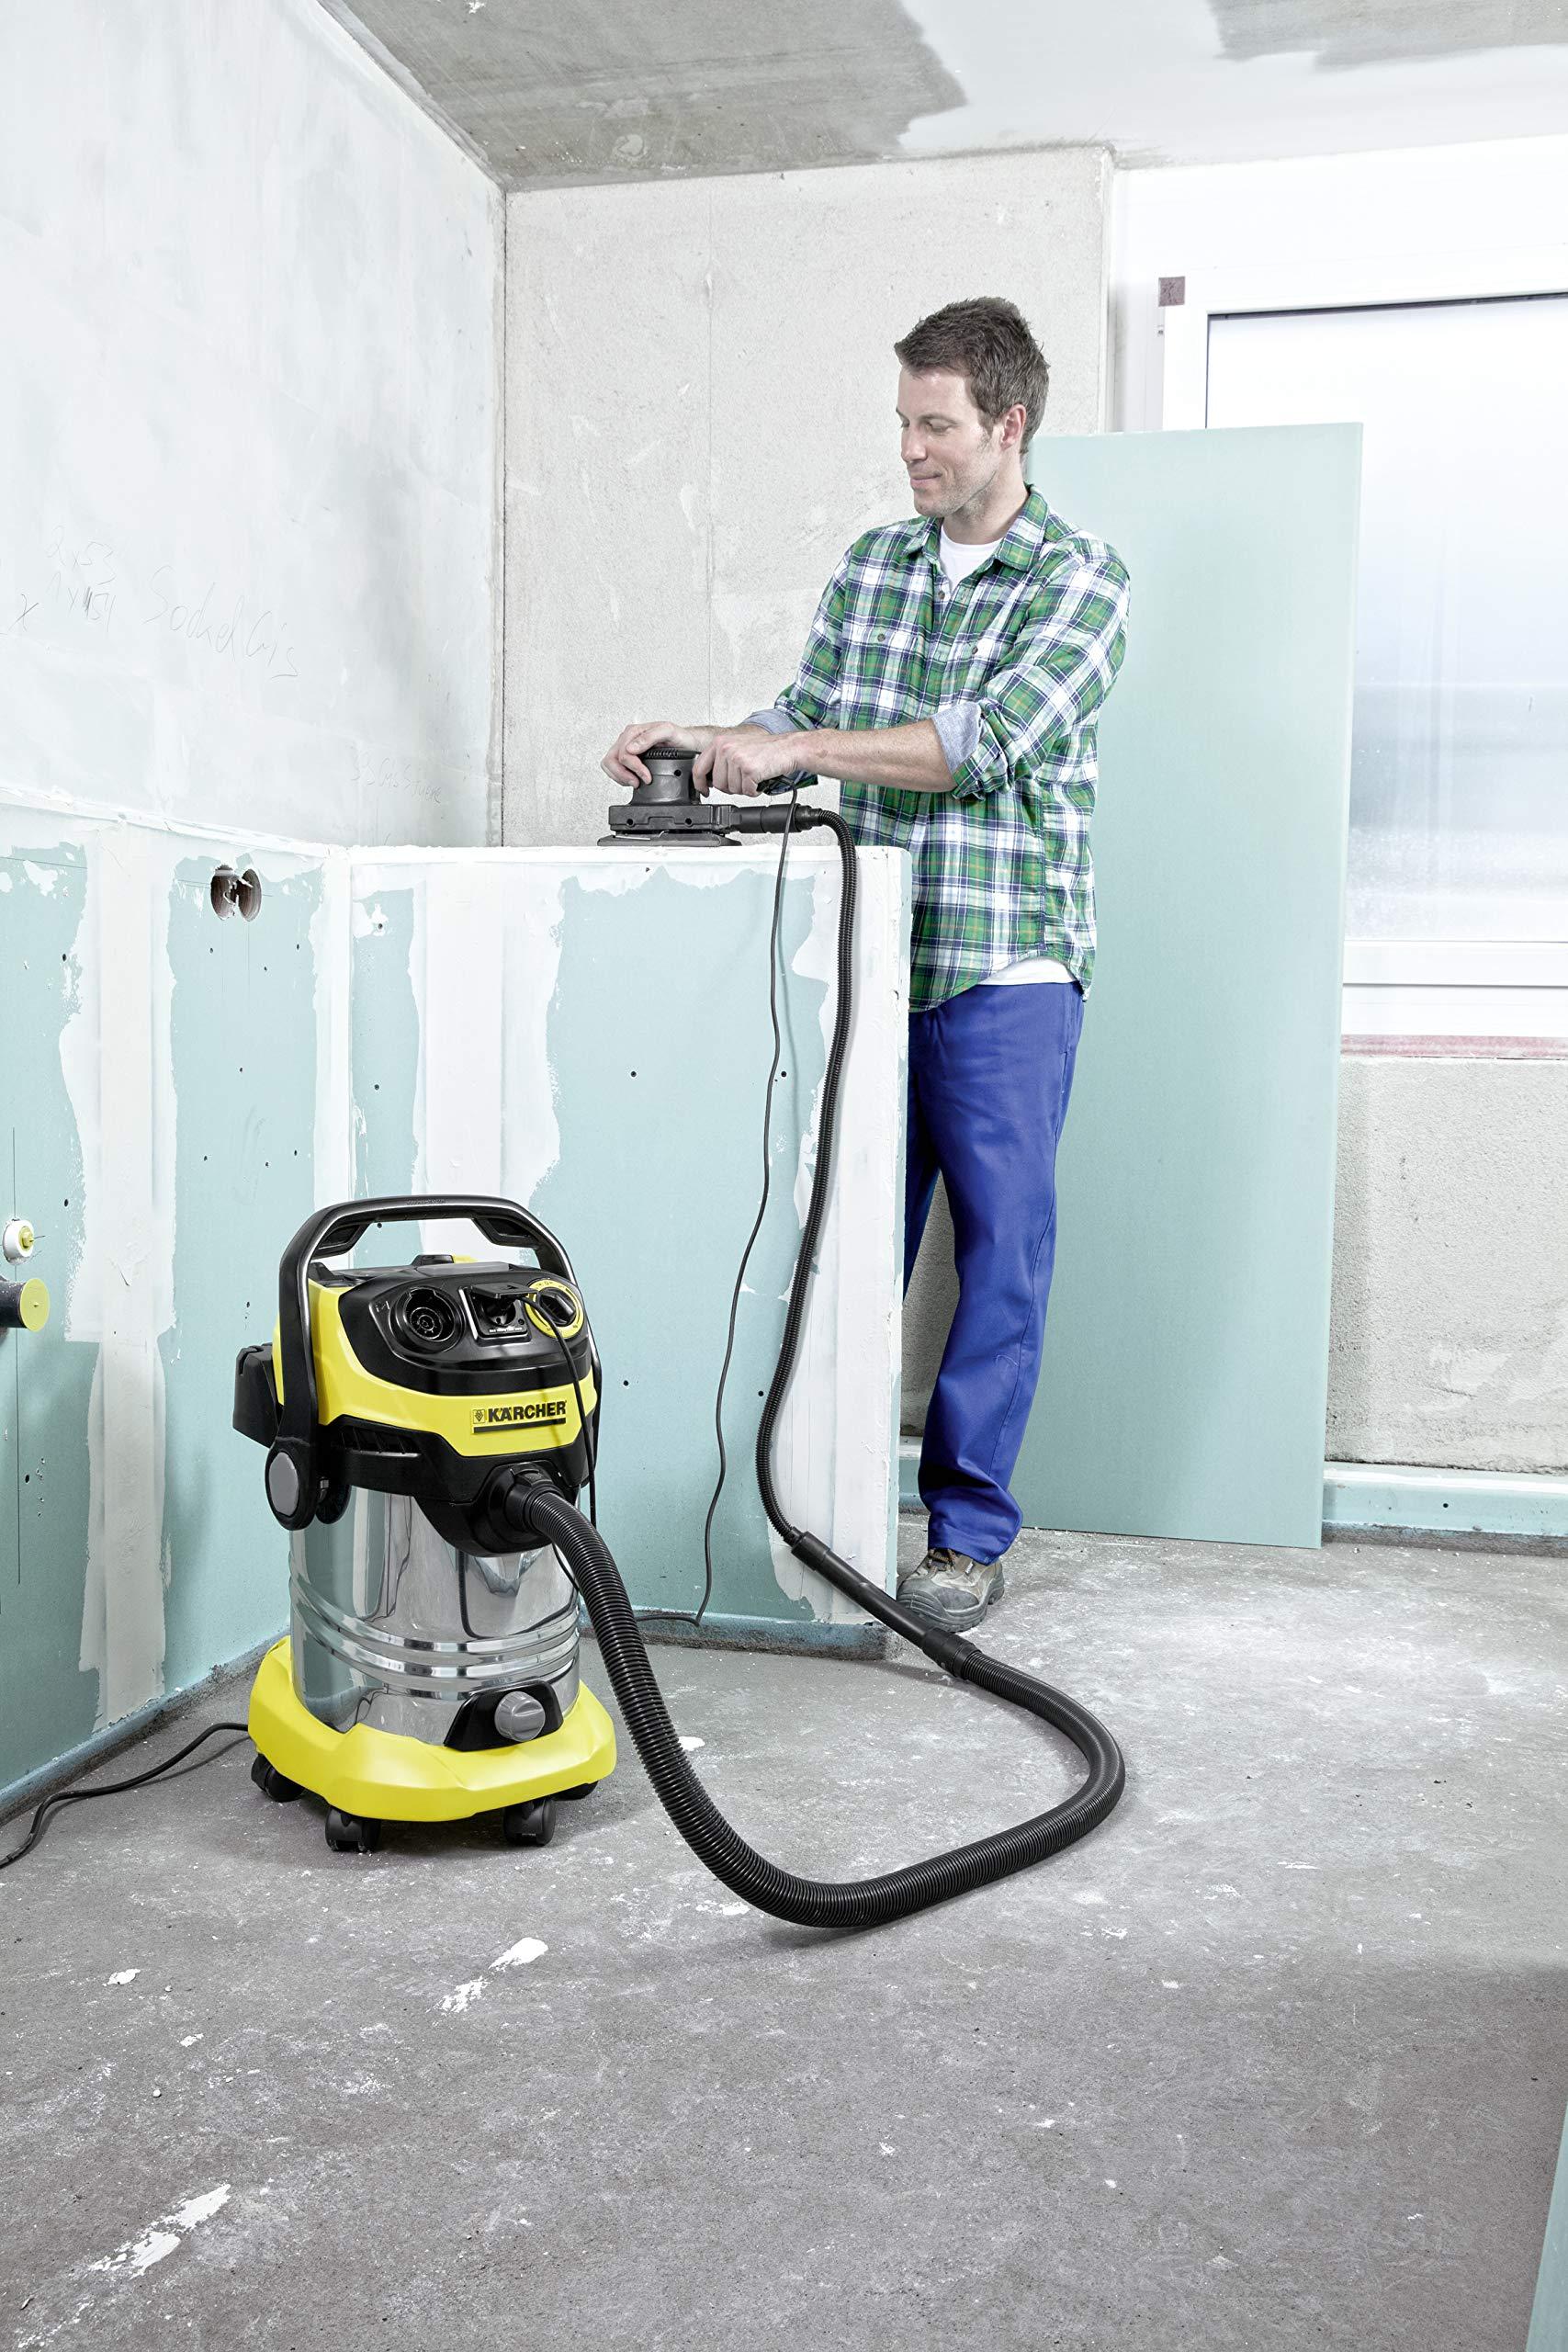 Krcher-WD-6-P-Premium-Aspiratore-Solidi-Liquidi-Capacit-30-l-260-Air-Watt-1300-W-con-Presa-Elettroutensile-Due-Tubi-Rigidi-dAspirazione-2-Bocchette-Filtro-Sacchetto-Tubo-22-m